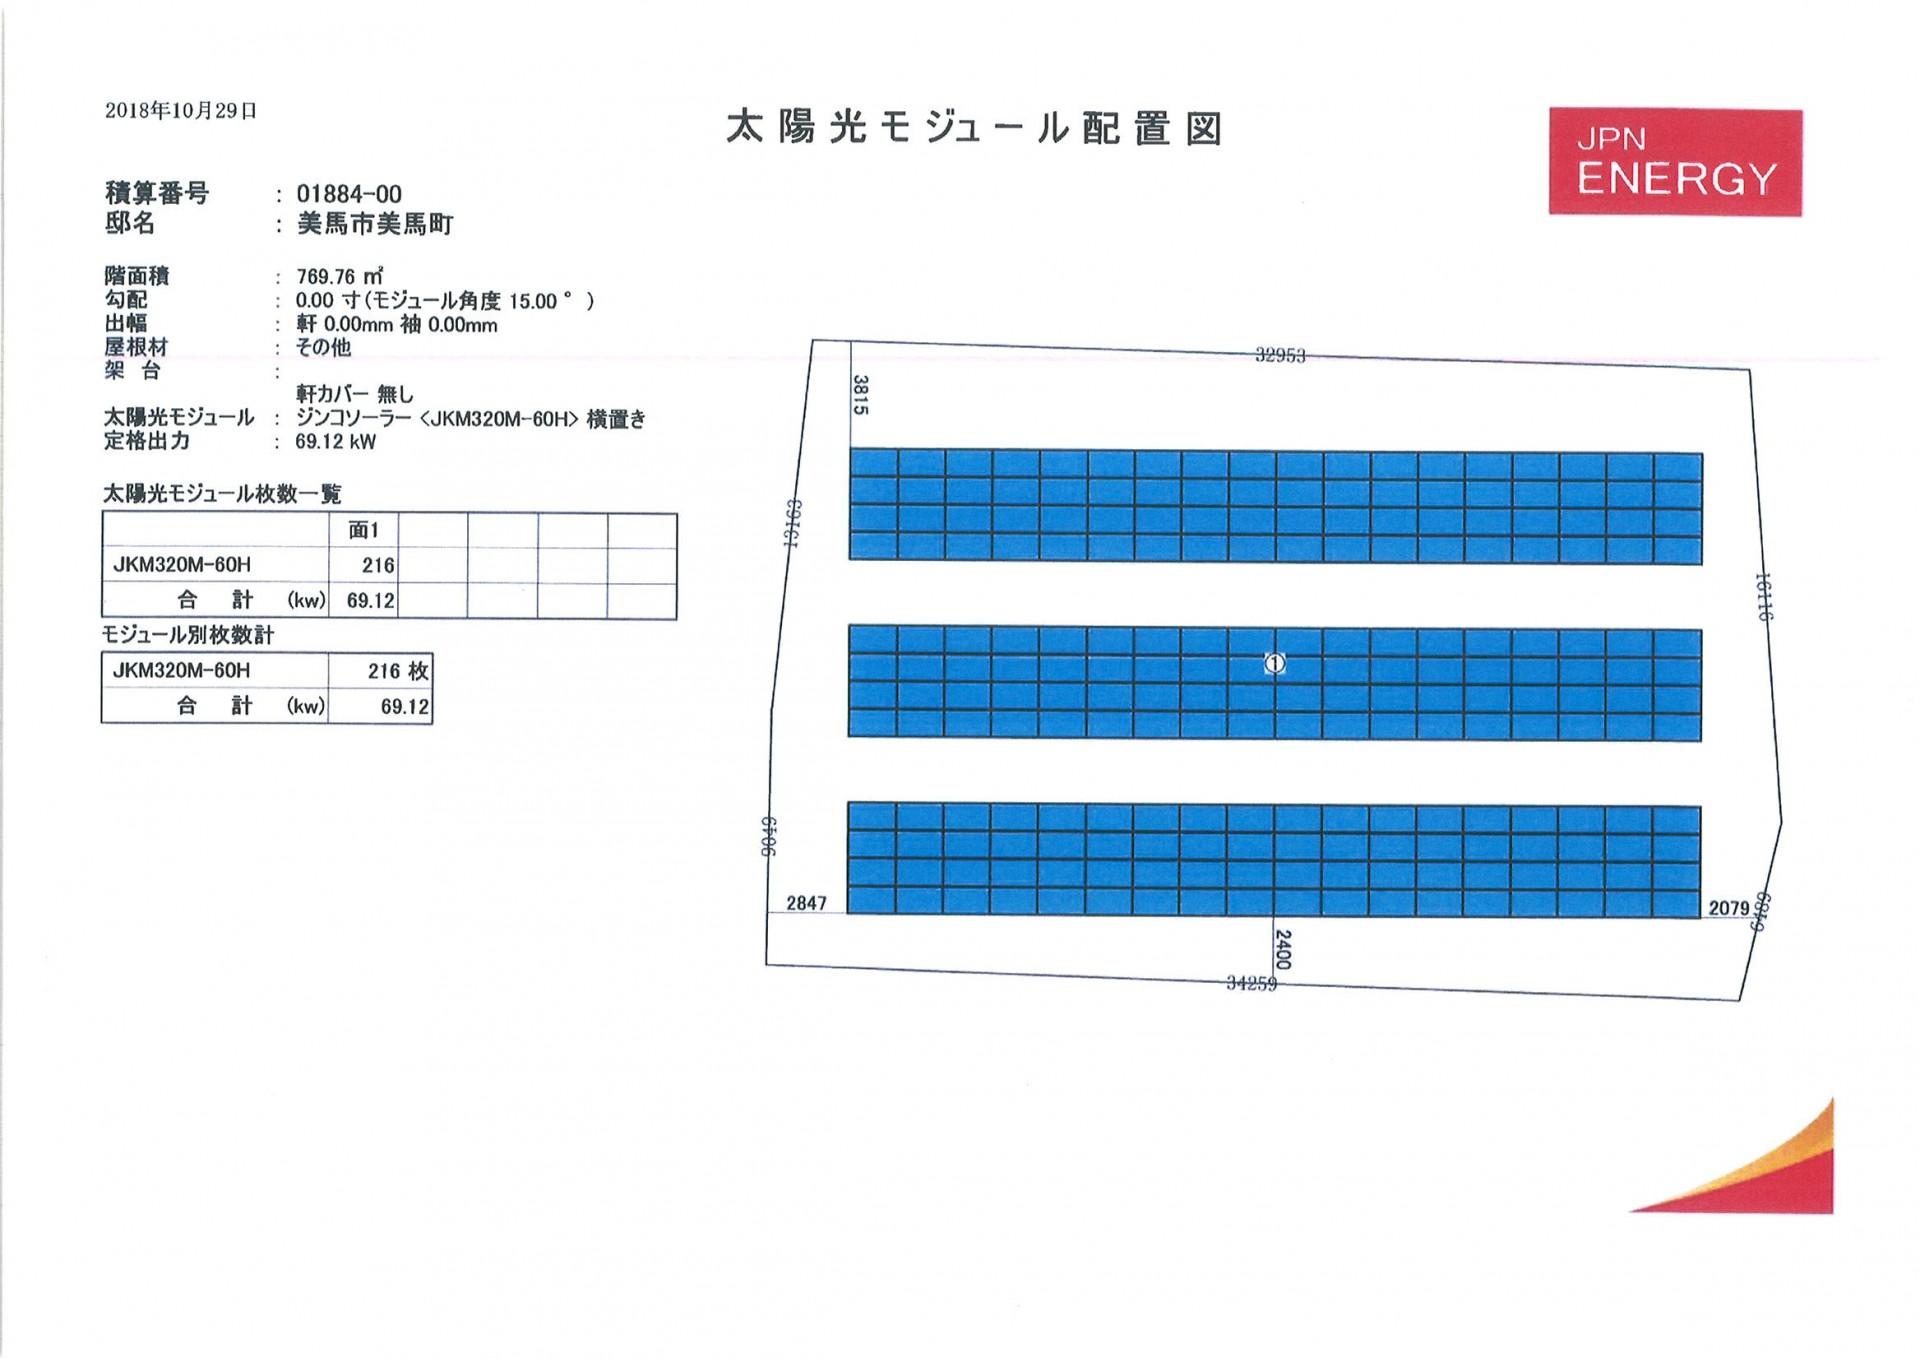 【JPN】FIT18円徳島県美馬市69.12kwのメイン画像